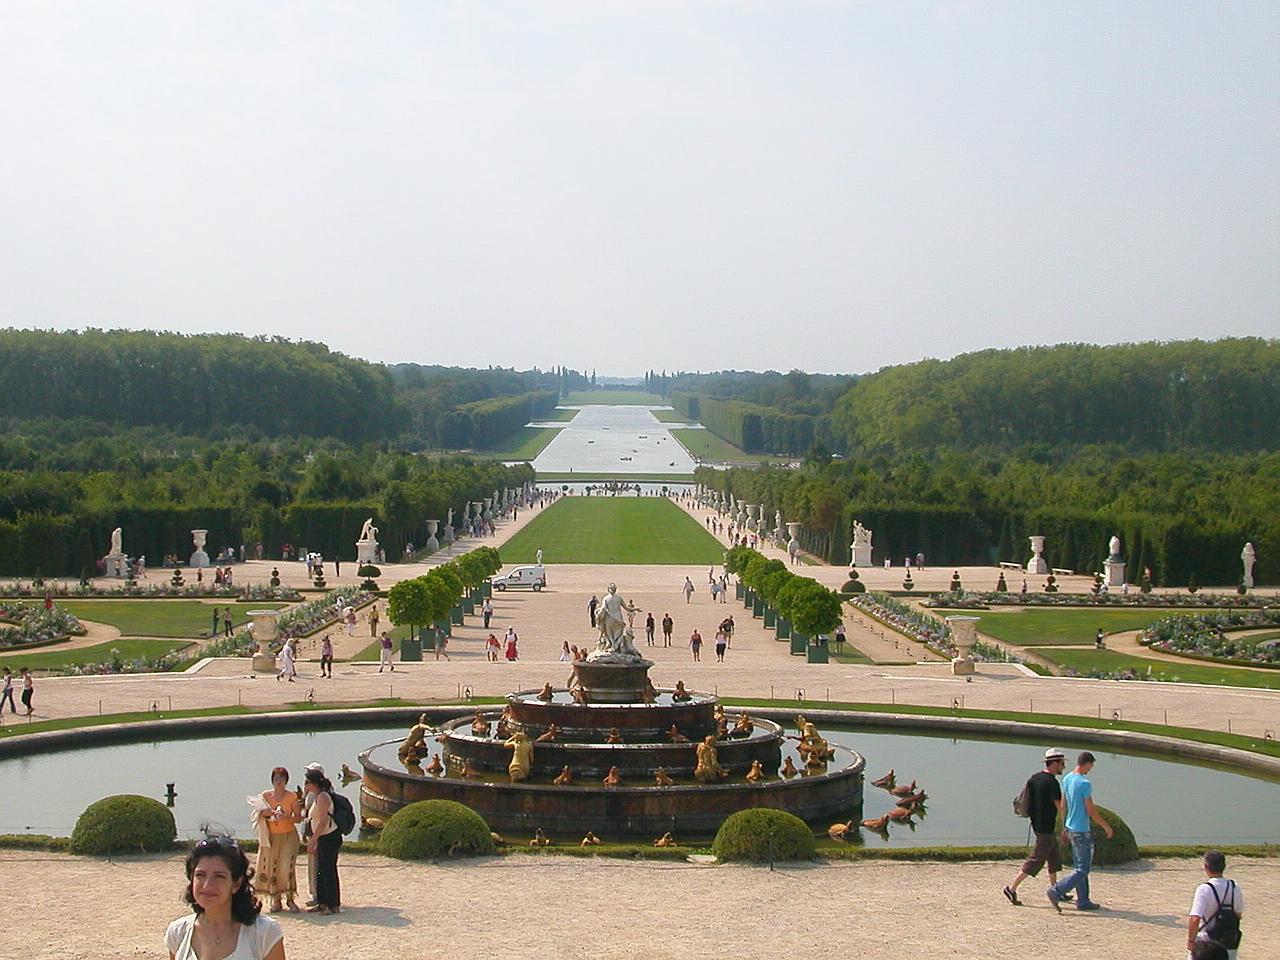 Il settecento daniel defoe barocco illuminismo fior di zucche 2 0 - Photo chateau de versailles ...